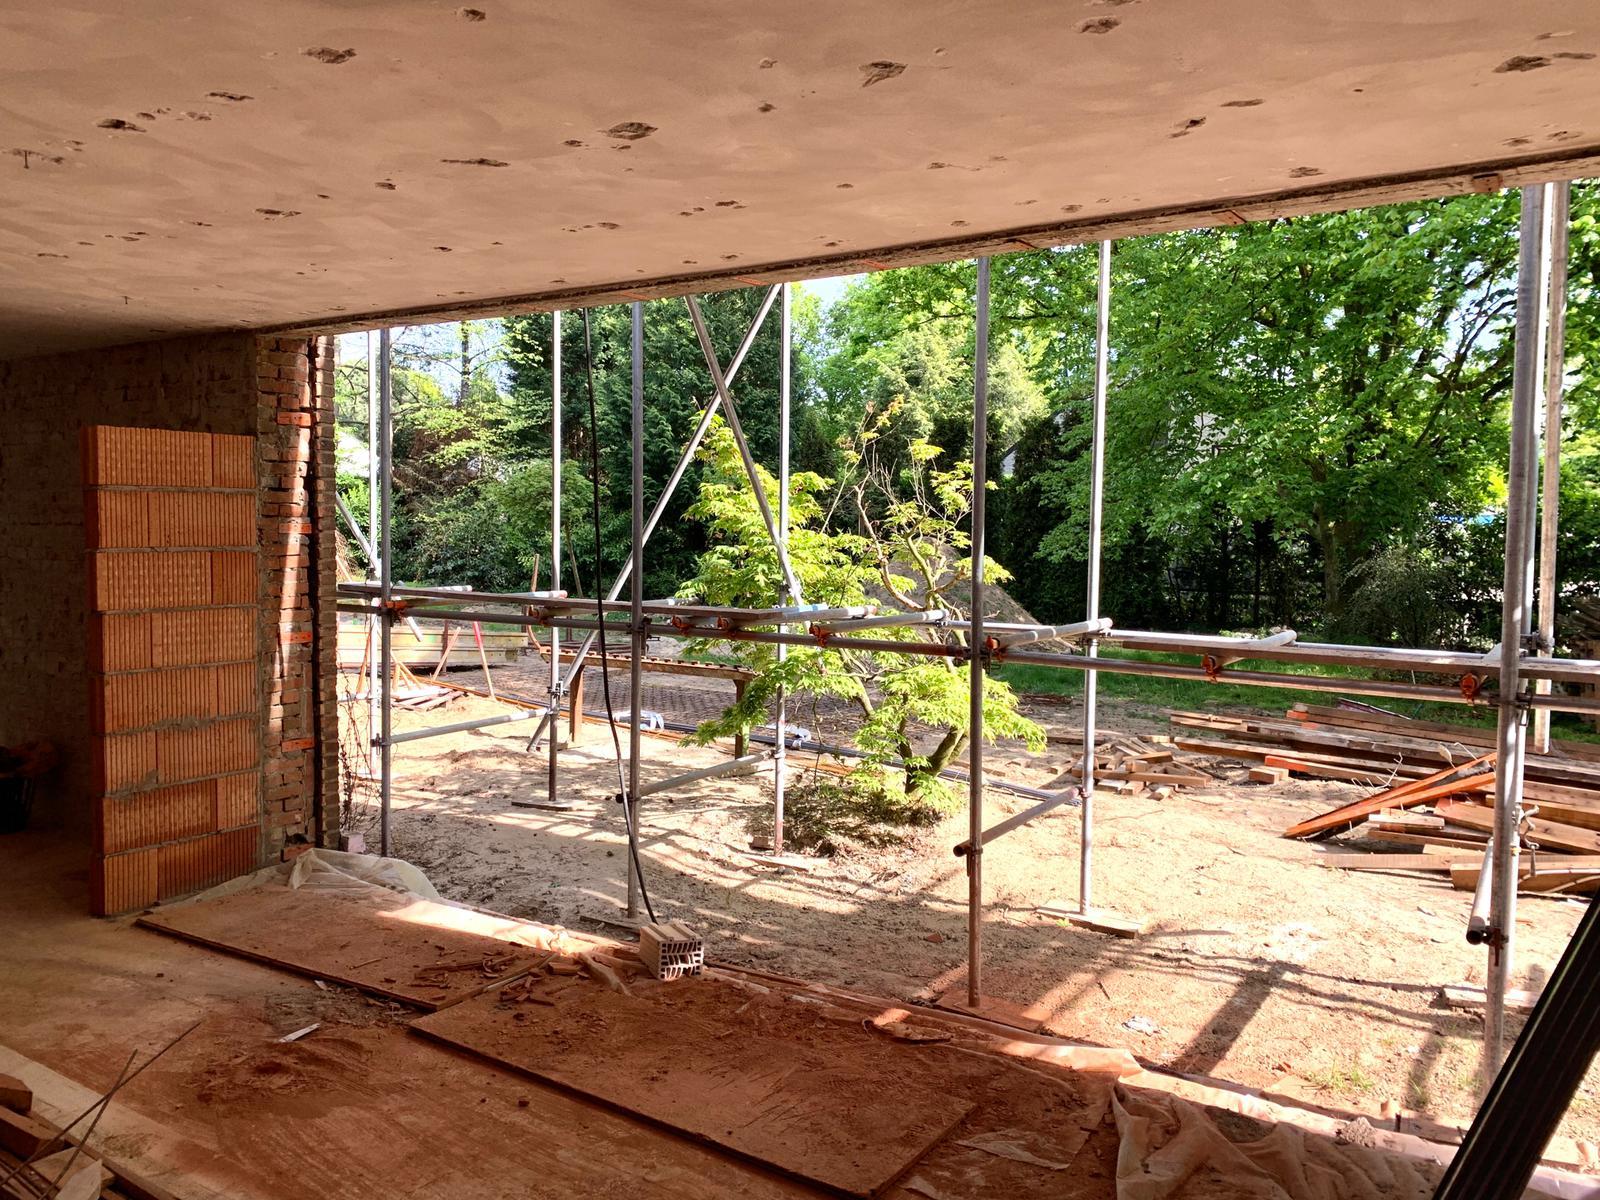 foto villa ontwerp aan bosrand